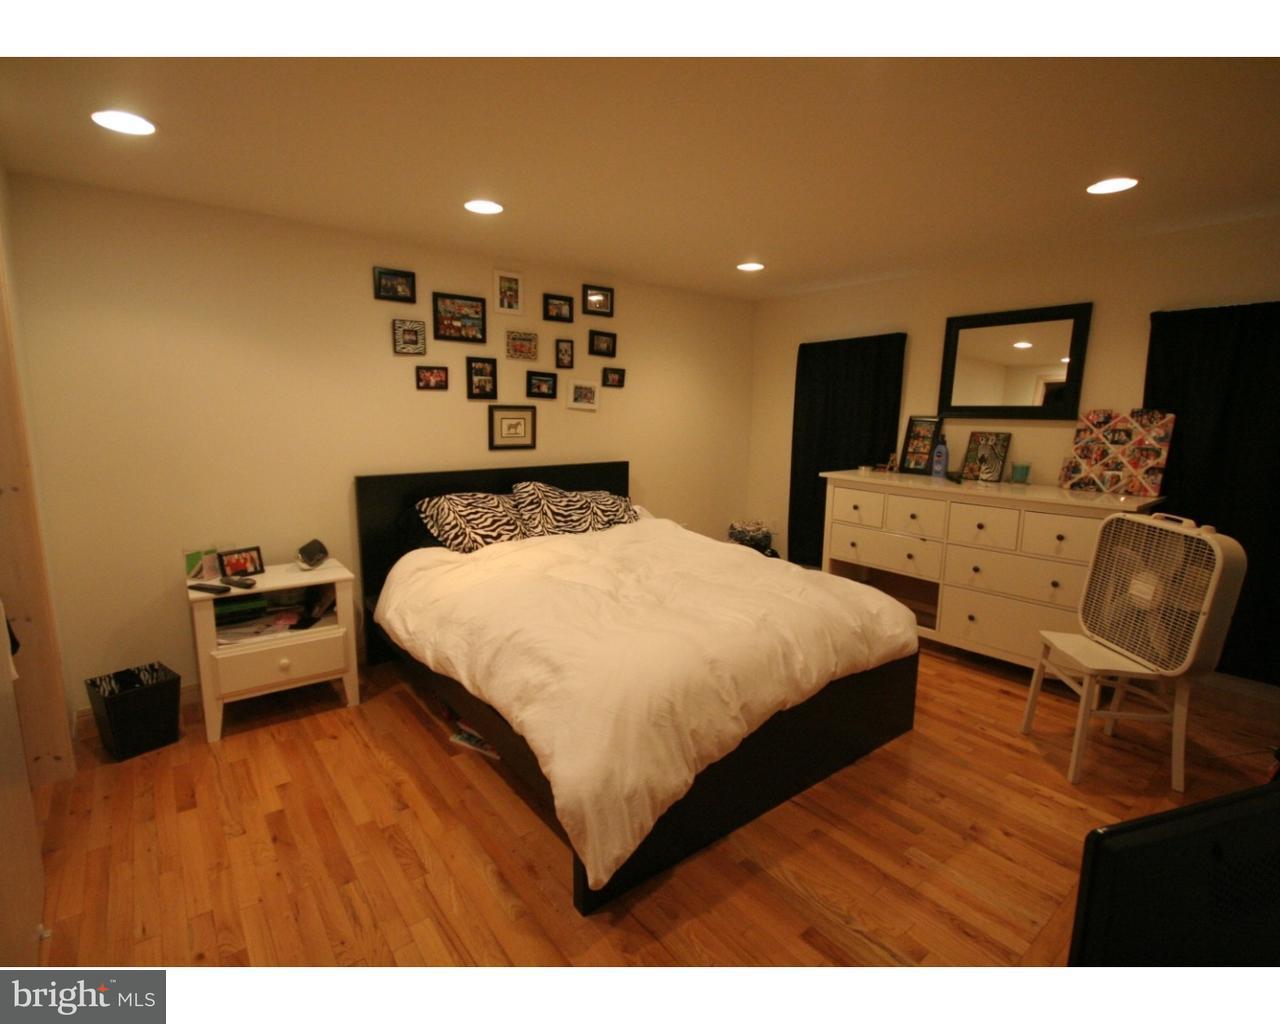 独户住宅 为 出租 在 1010 N ORIANNA Street 费城, 宾夕法尼亚州 19123 美国